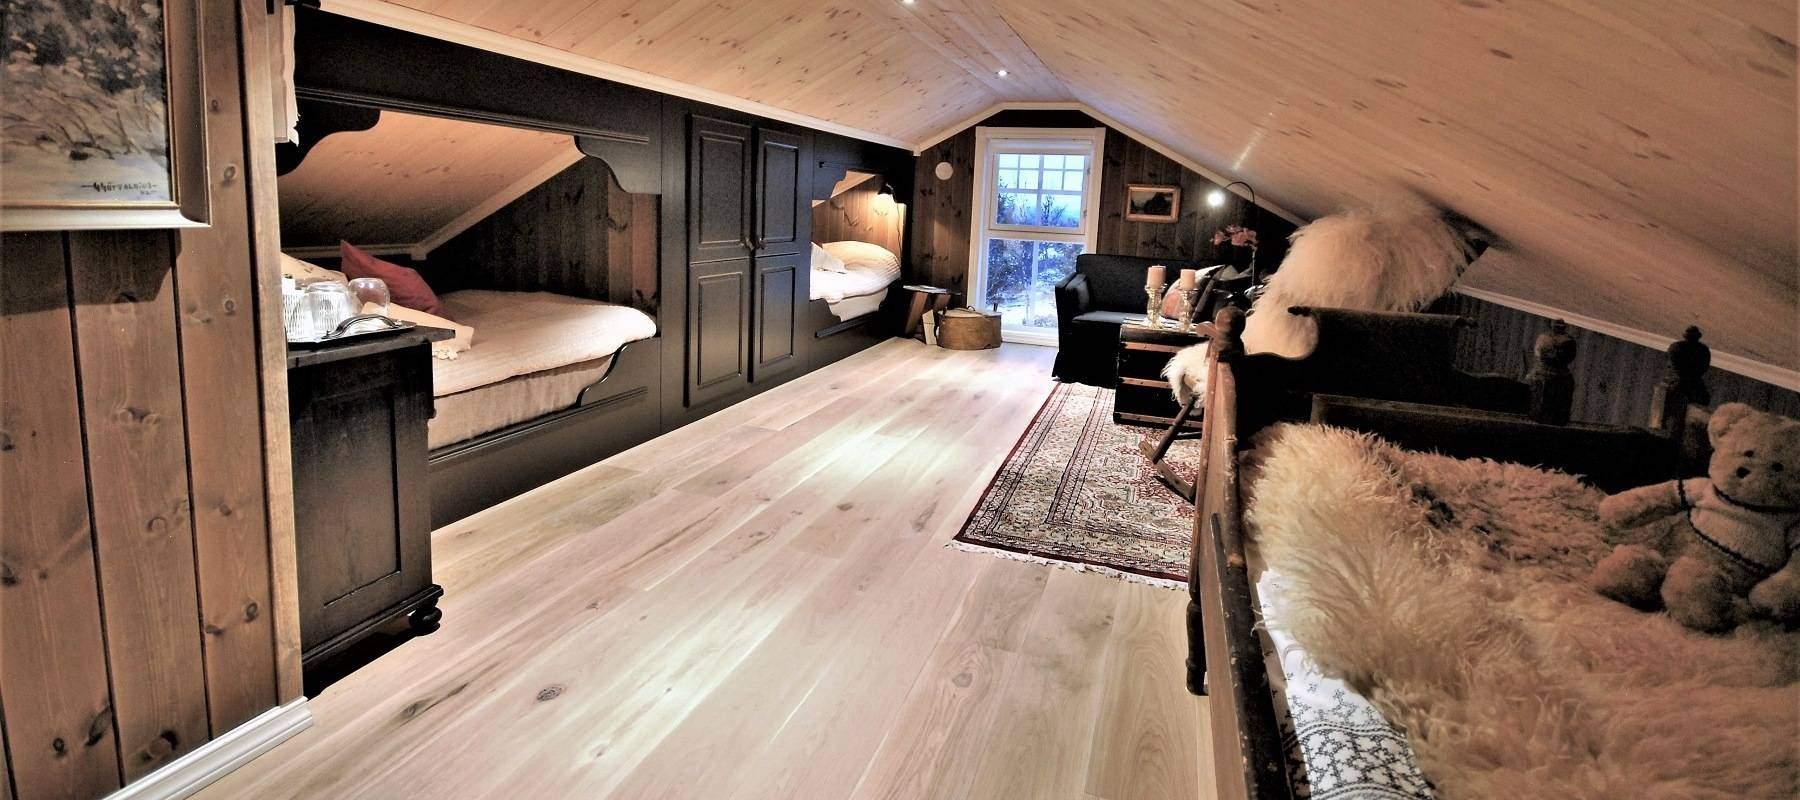 40 Hytteleverandor – Tiurtoppen Hytter Inspirasjon hytte pa Gålå